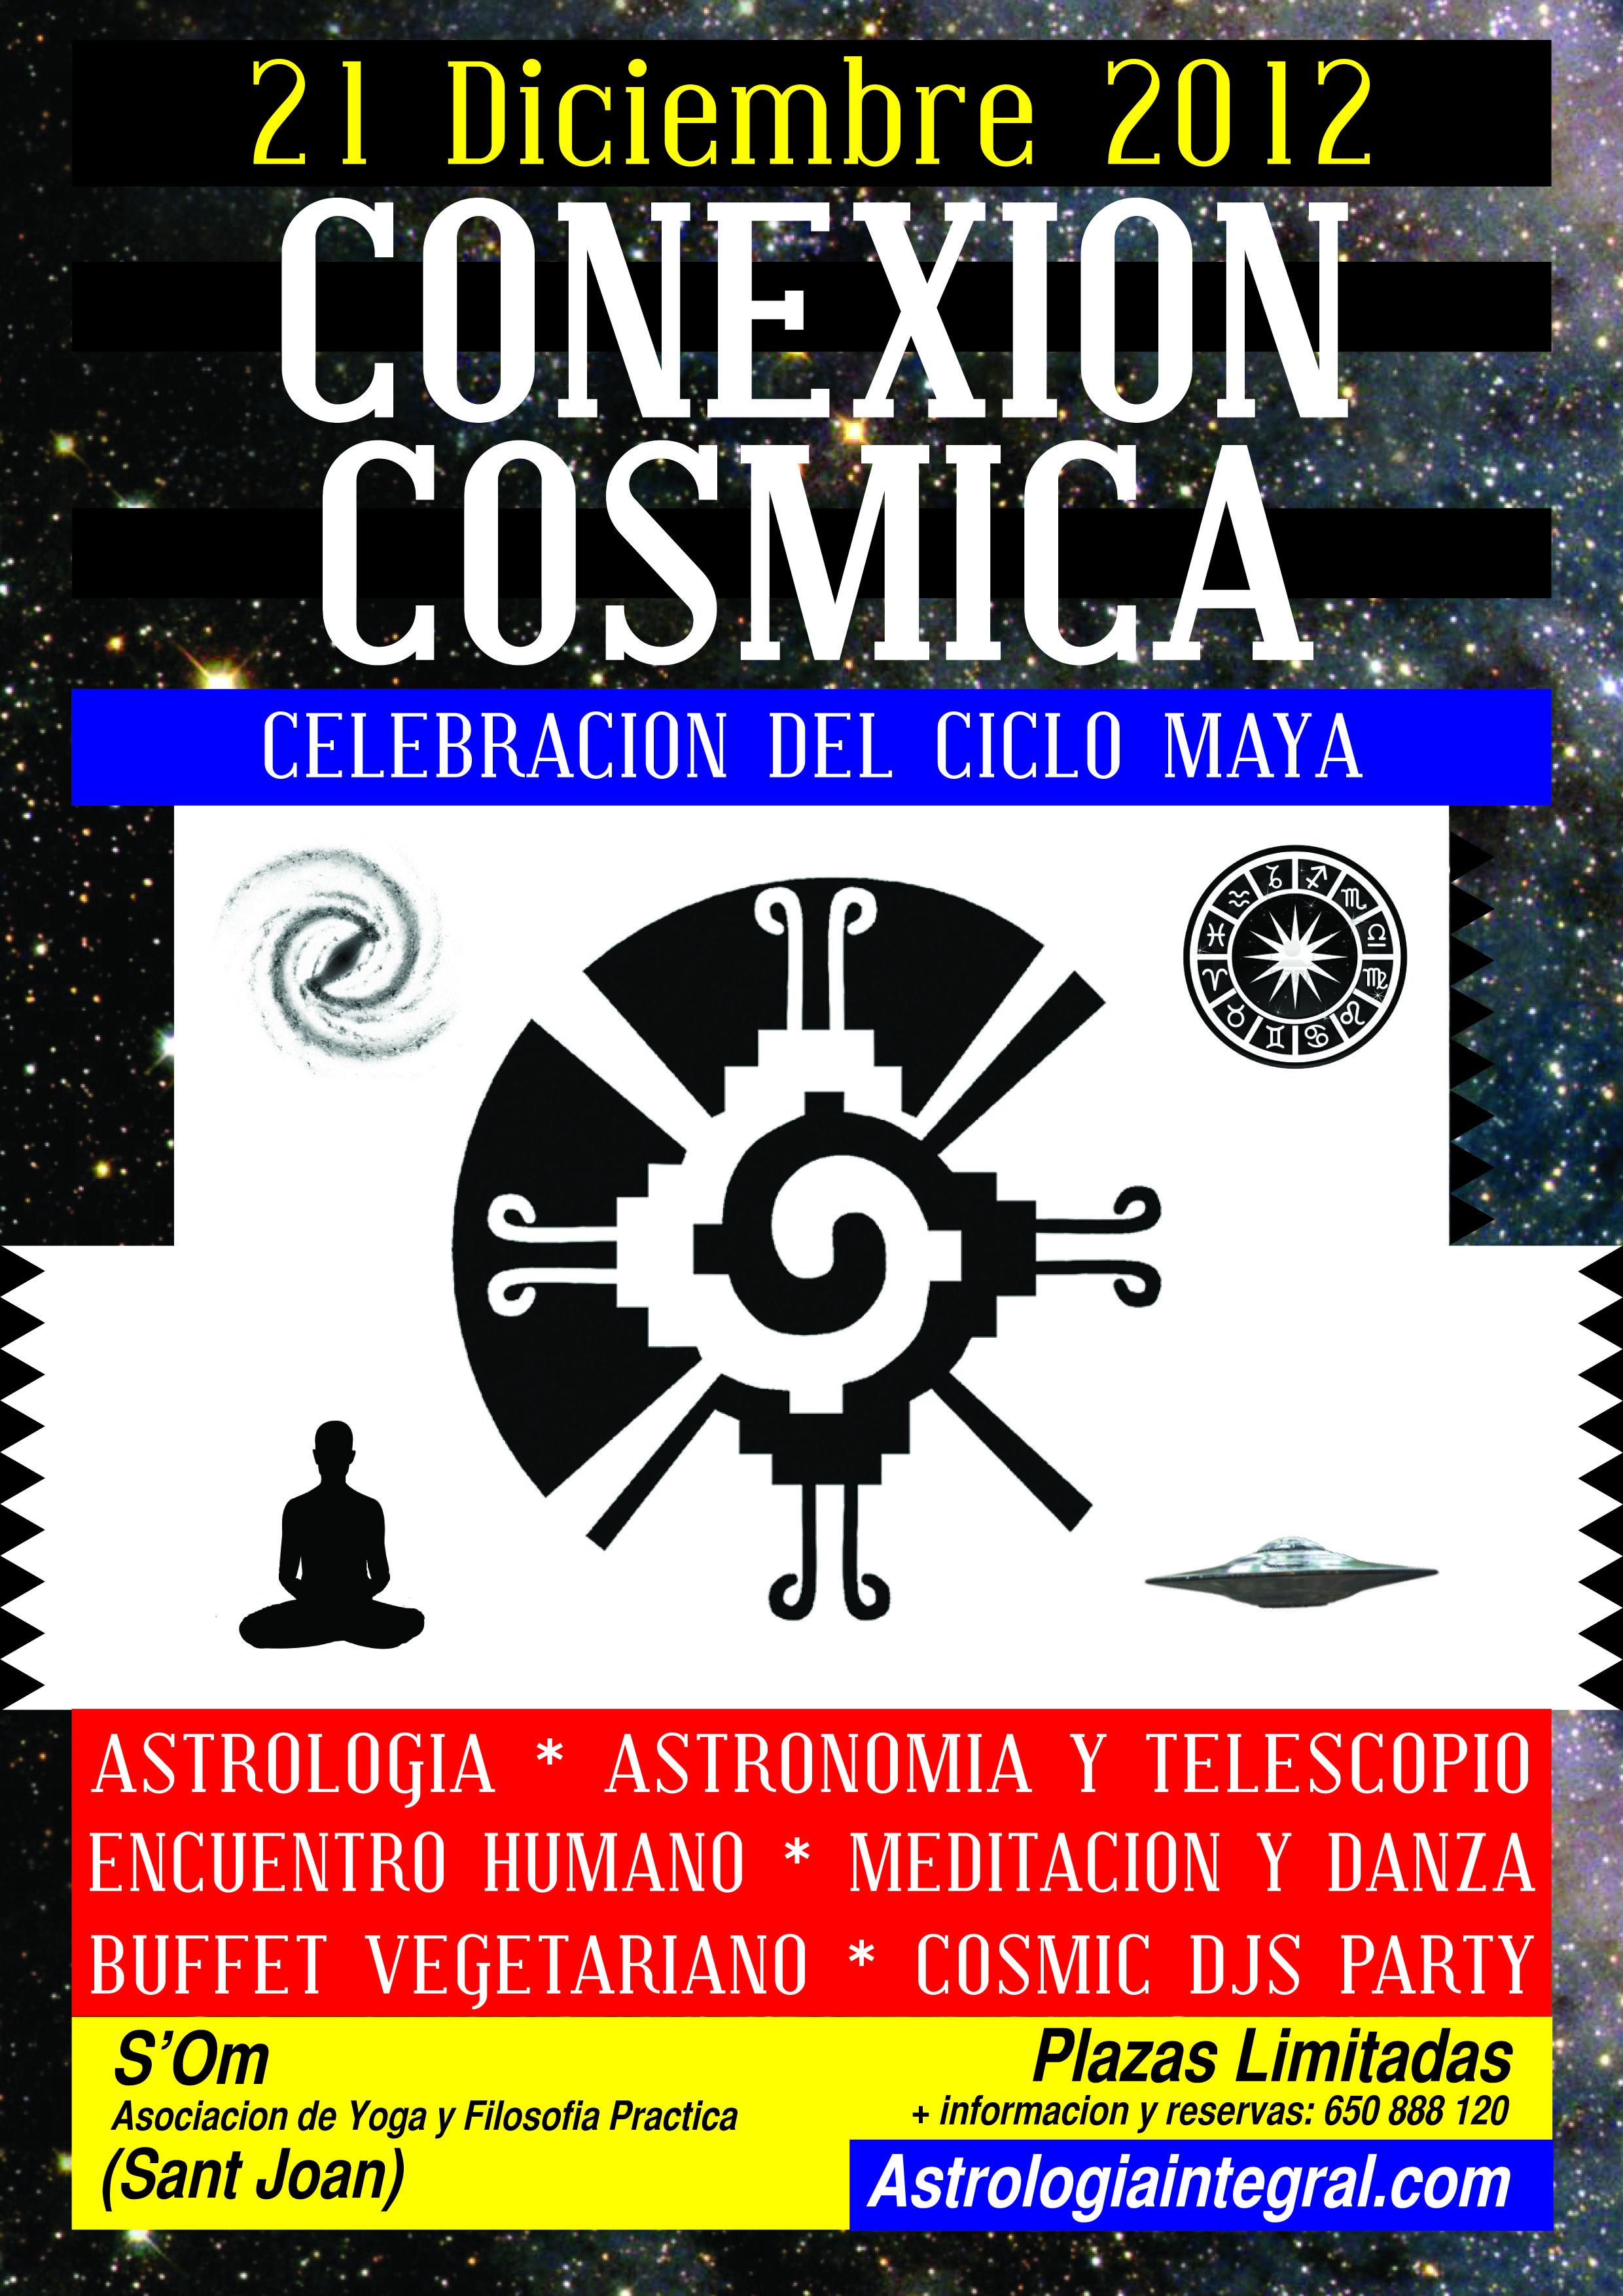 Conexión Cósmica 2012 Celebración del Ciclo Maya